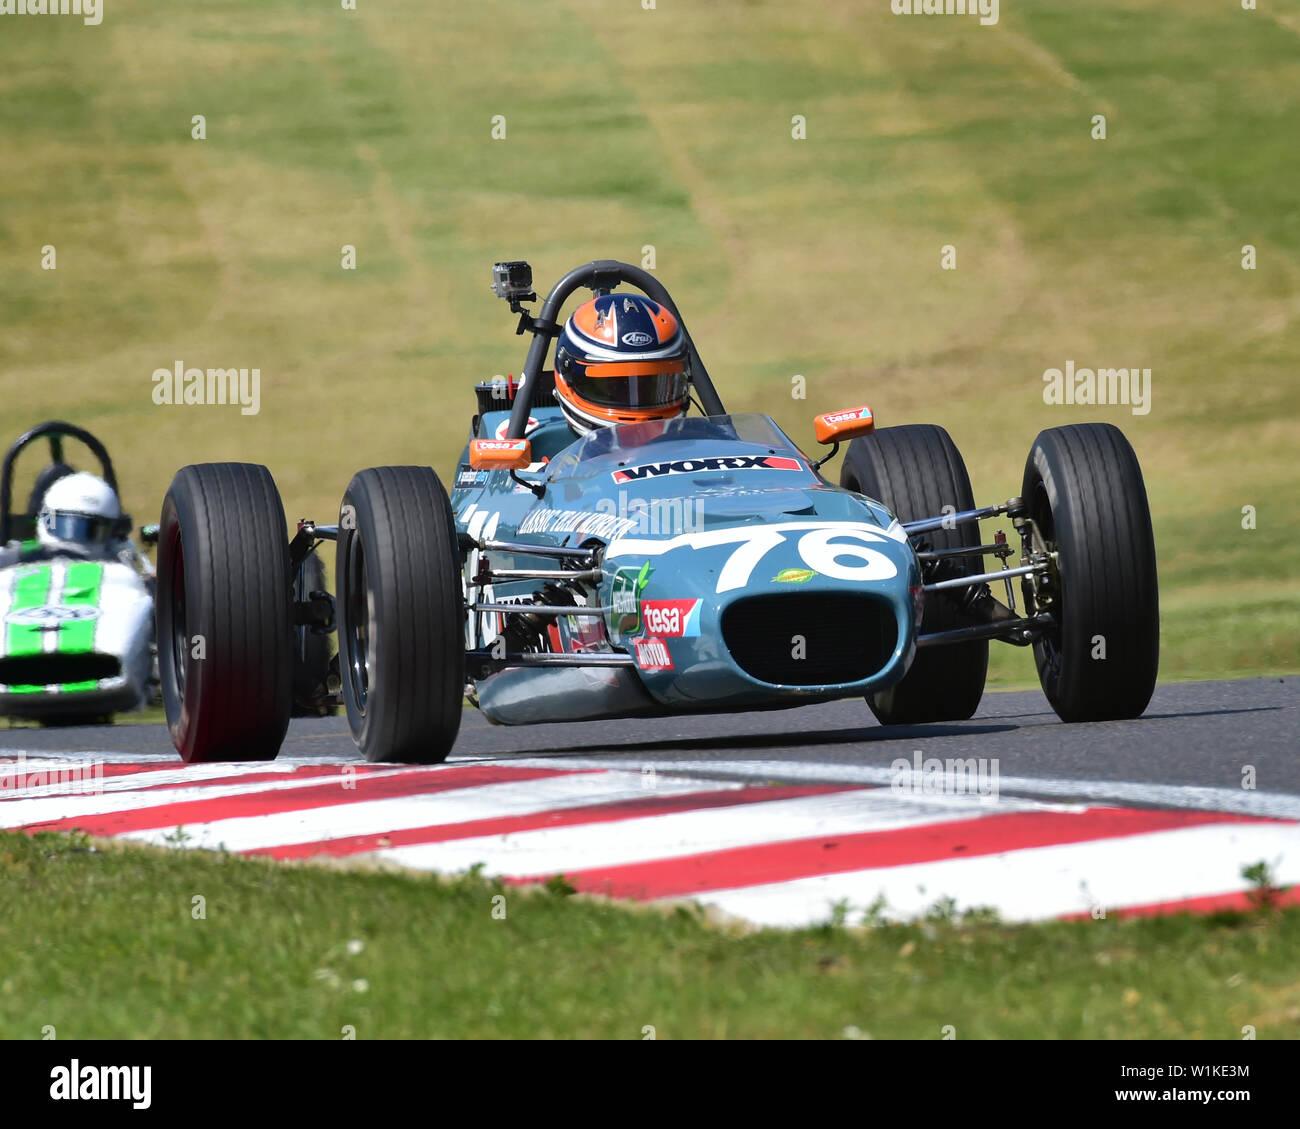 Pierre Livingston, Merlyn Mk20A, HFF, Historic Formula Ford, Legends of Brands Hatch SuperPrix, Brands Hatch, June 2019, Historic Formula Ford Champio - Stock Image